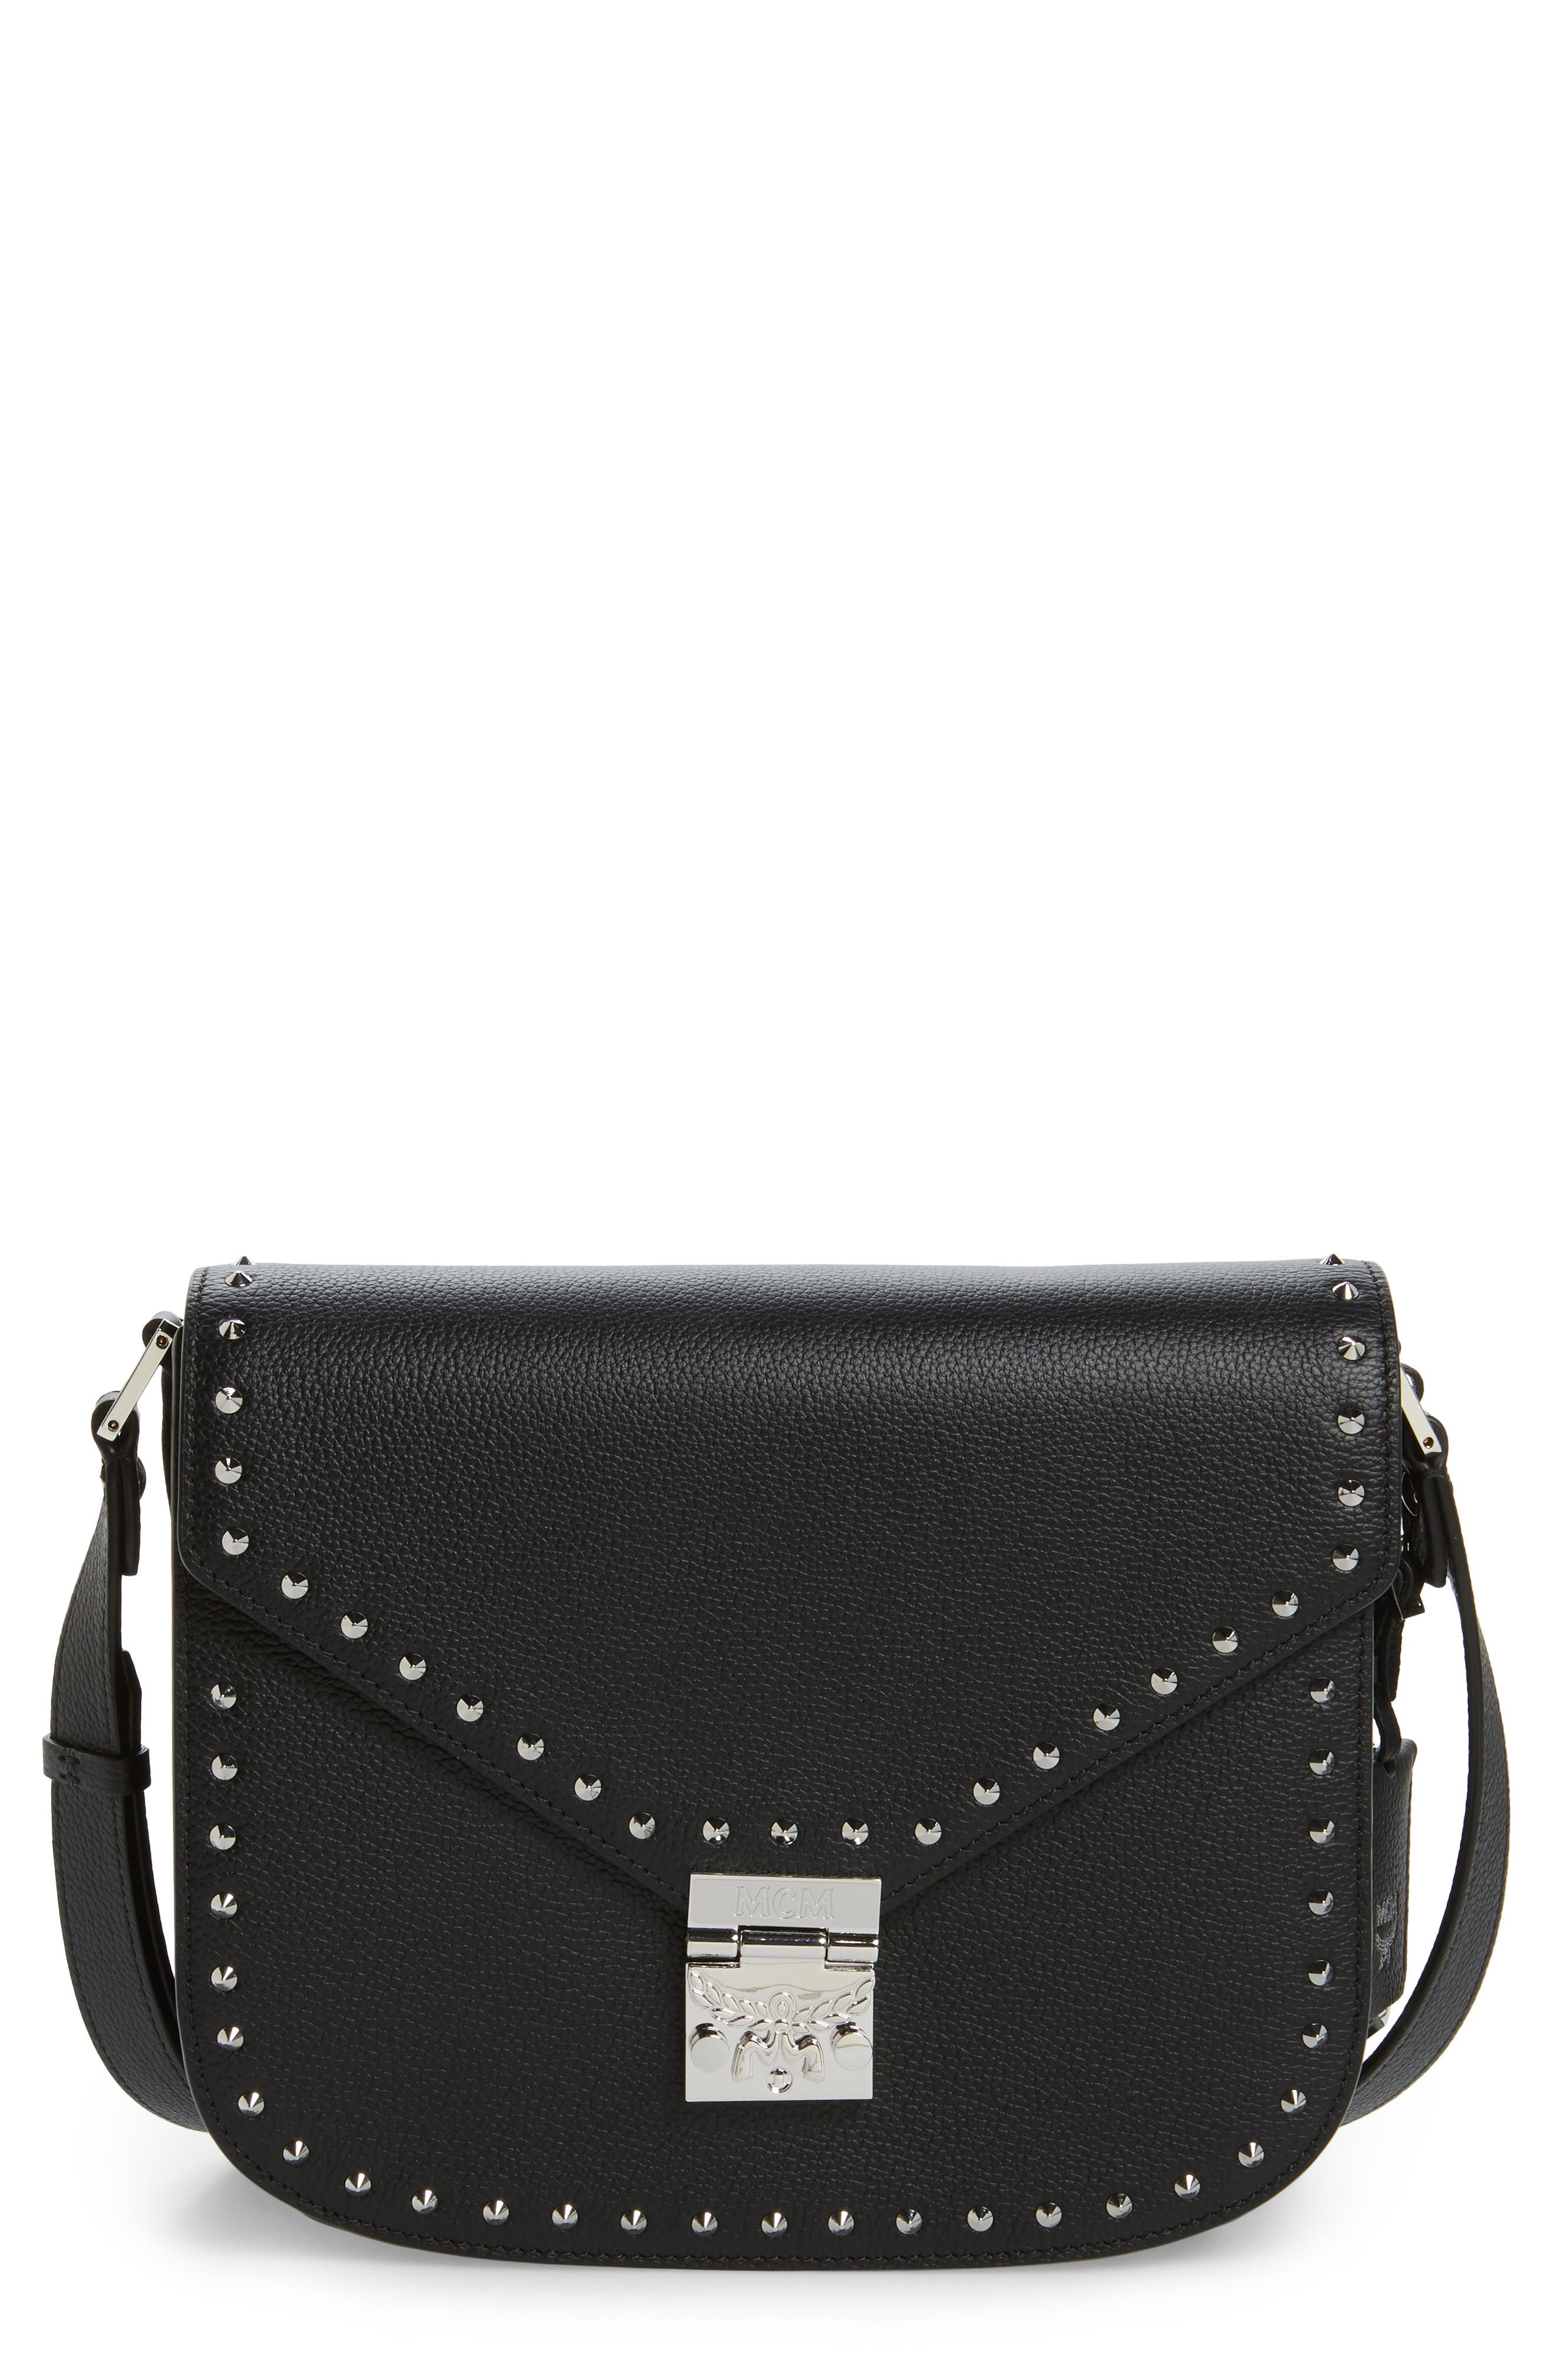 MCM Patricia Studded Outline Leather Shoulder Bag